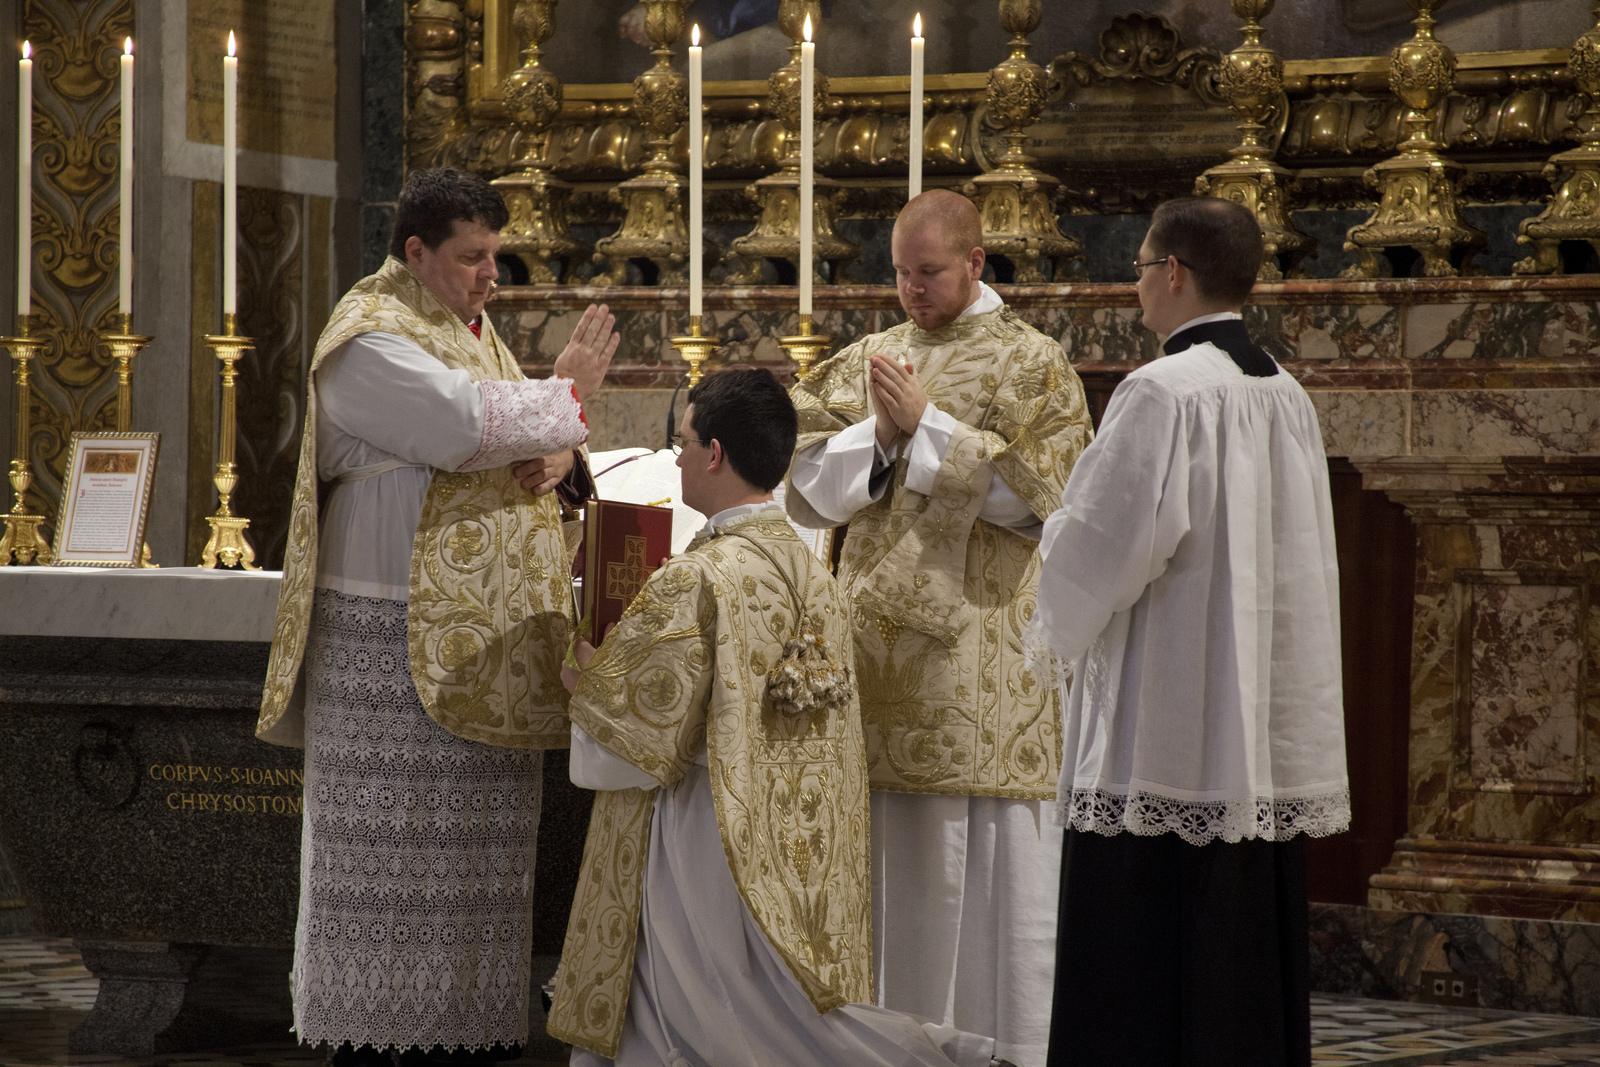 Messa solenne alla basilica di S. Pietro Cappella del Coro il 9 novembre 2013